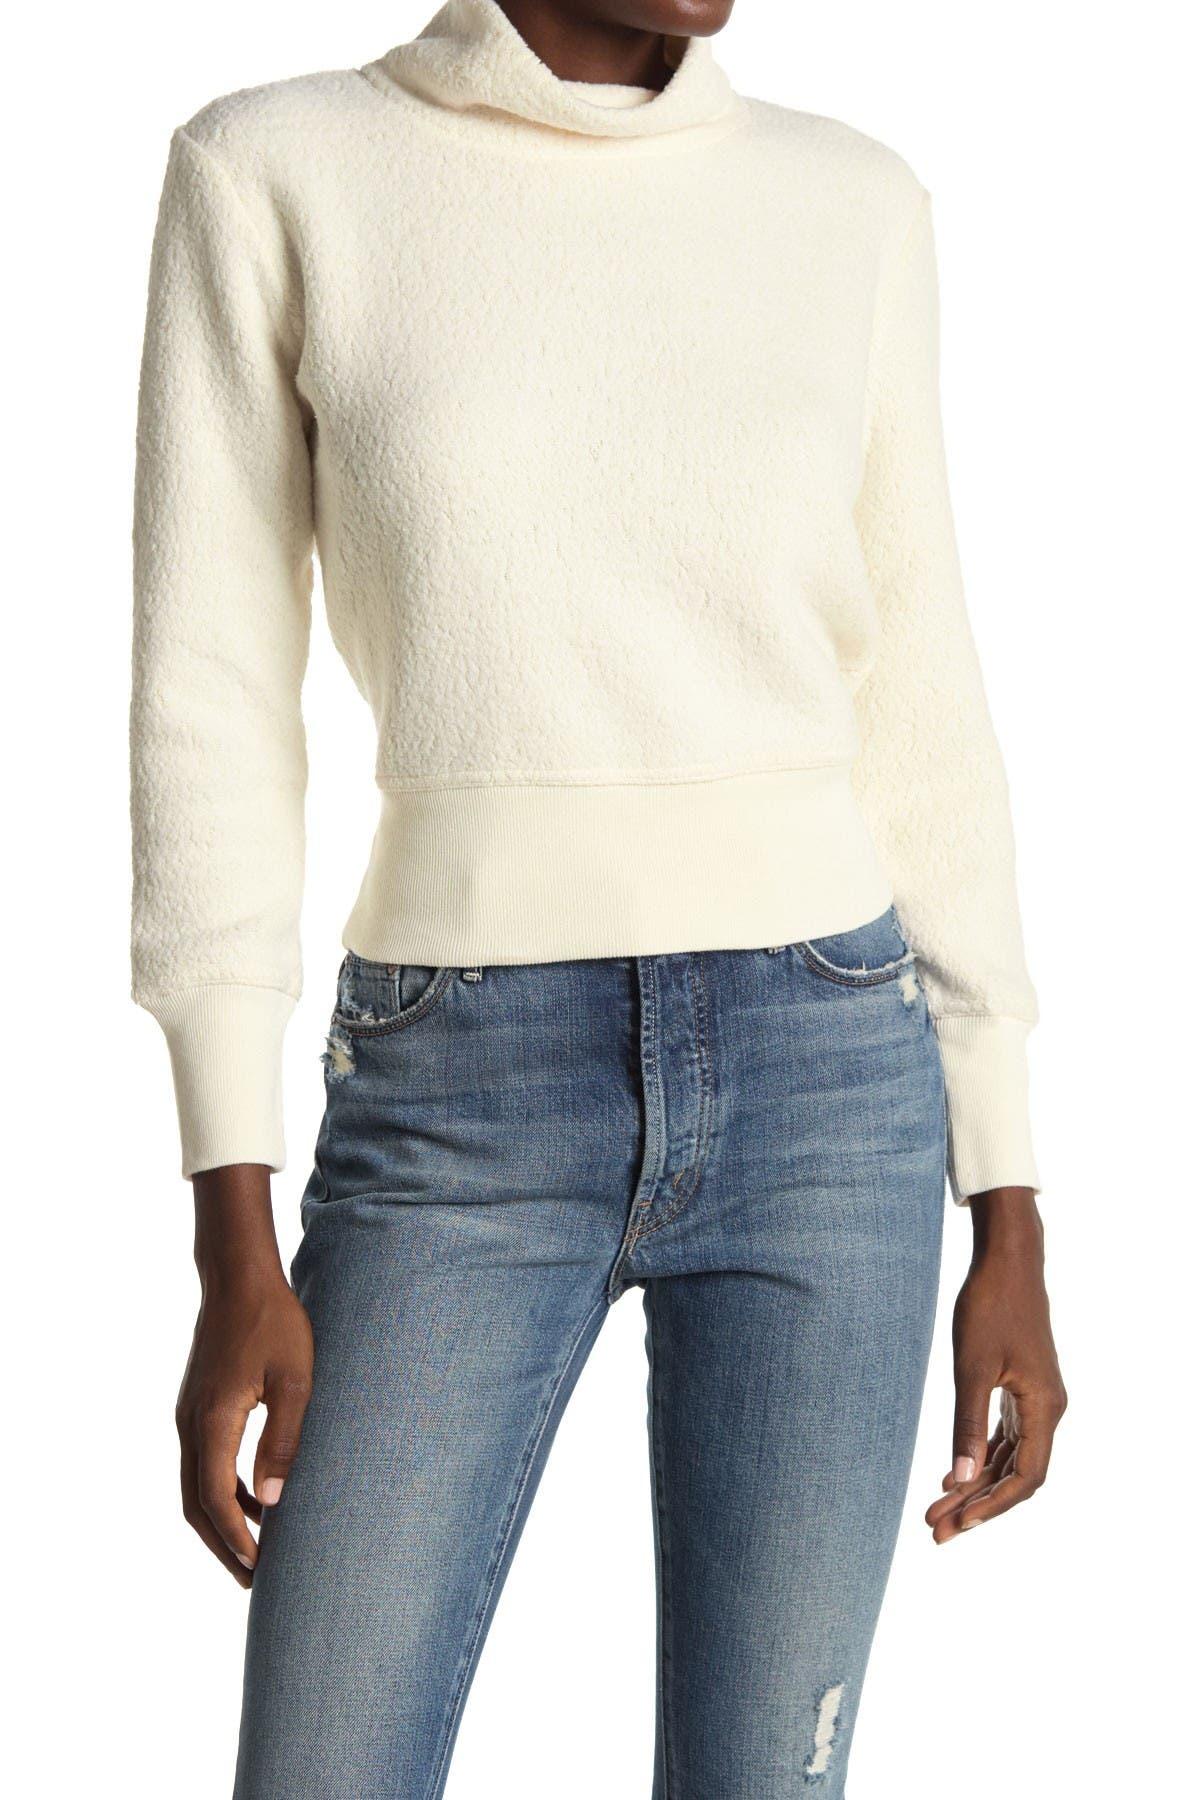 Image of Madewell Terry Mock Neck Sweatshirt